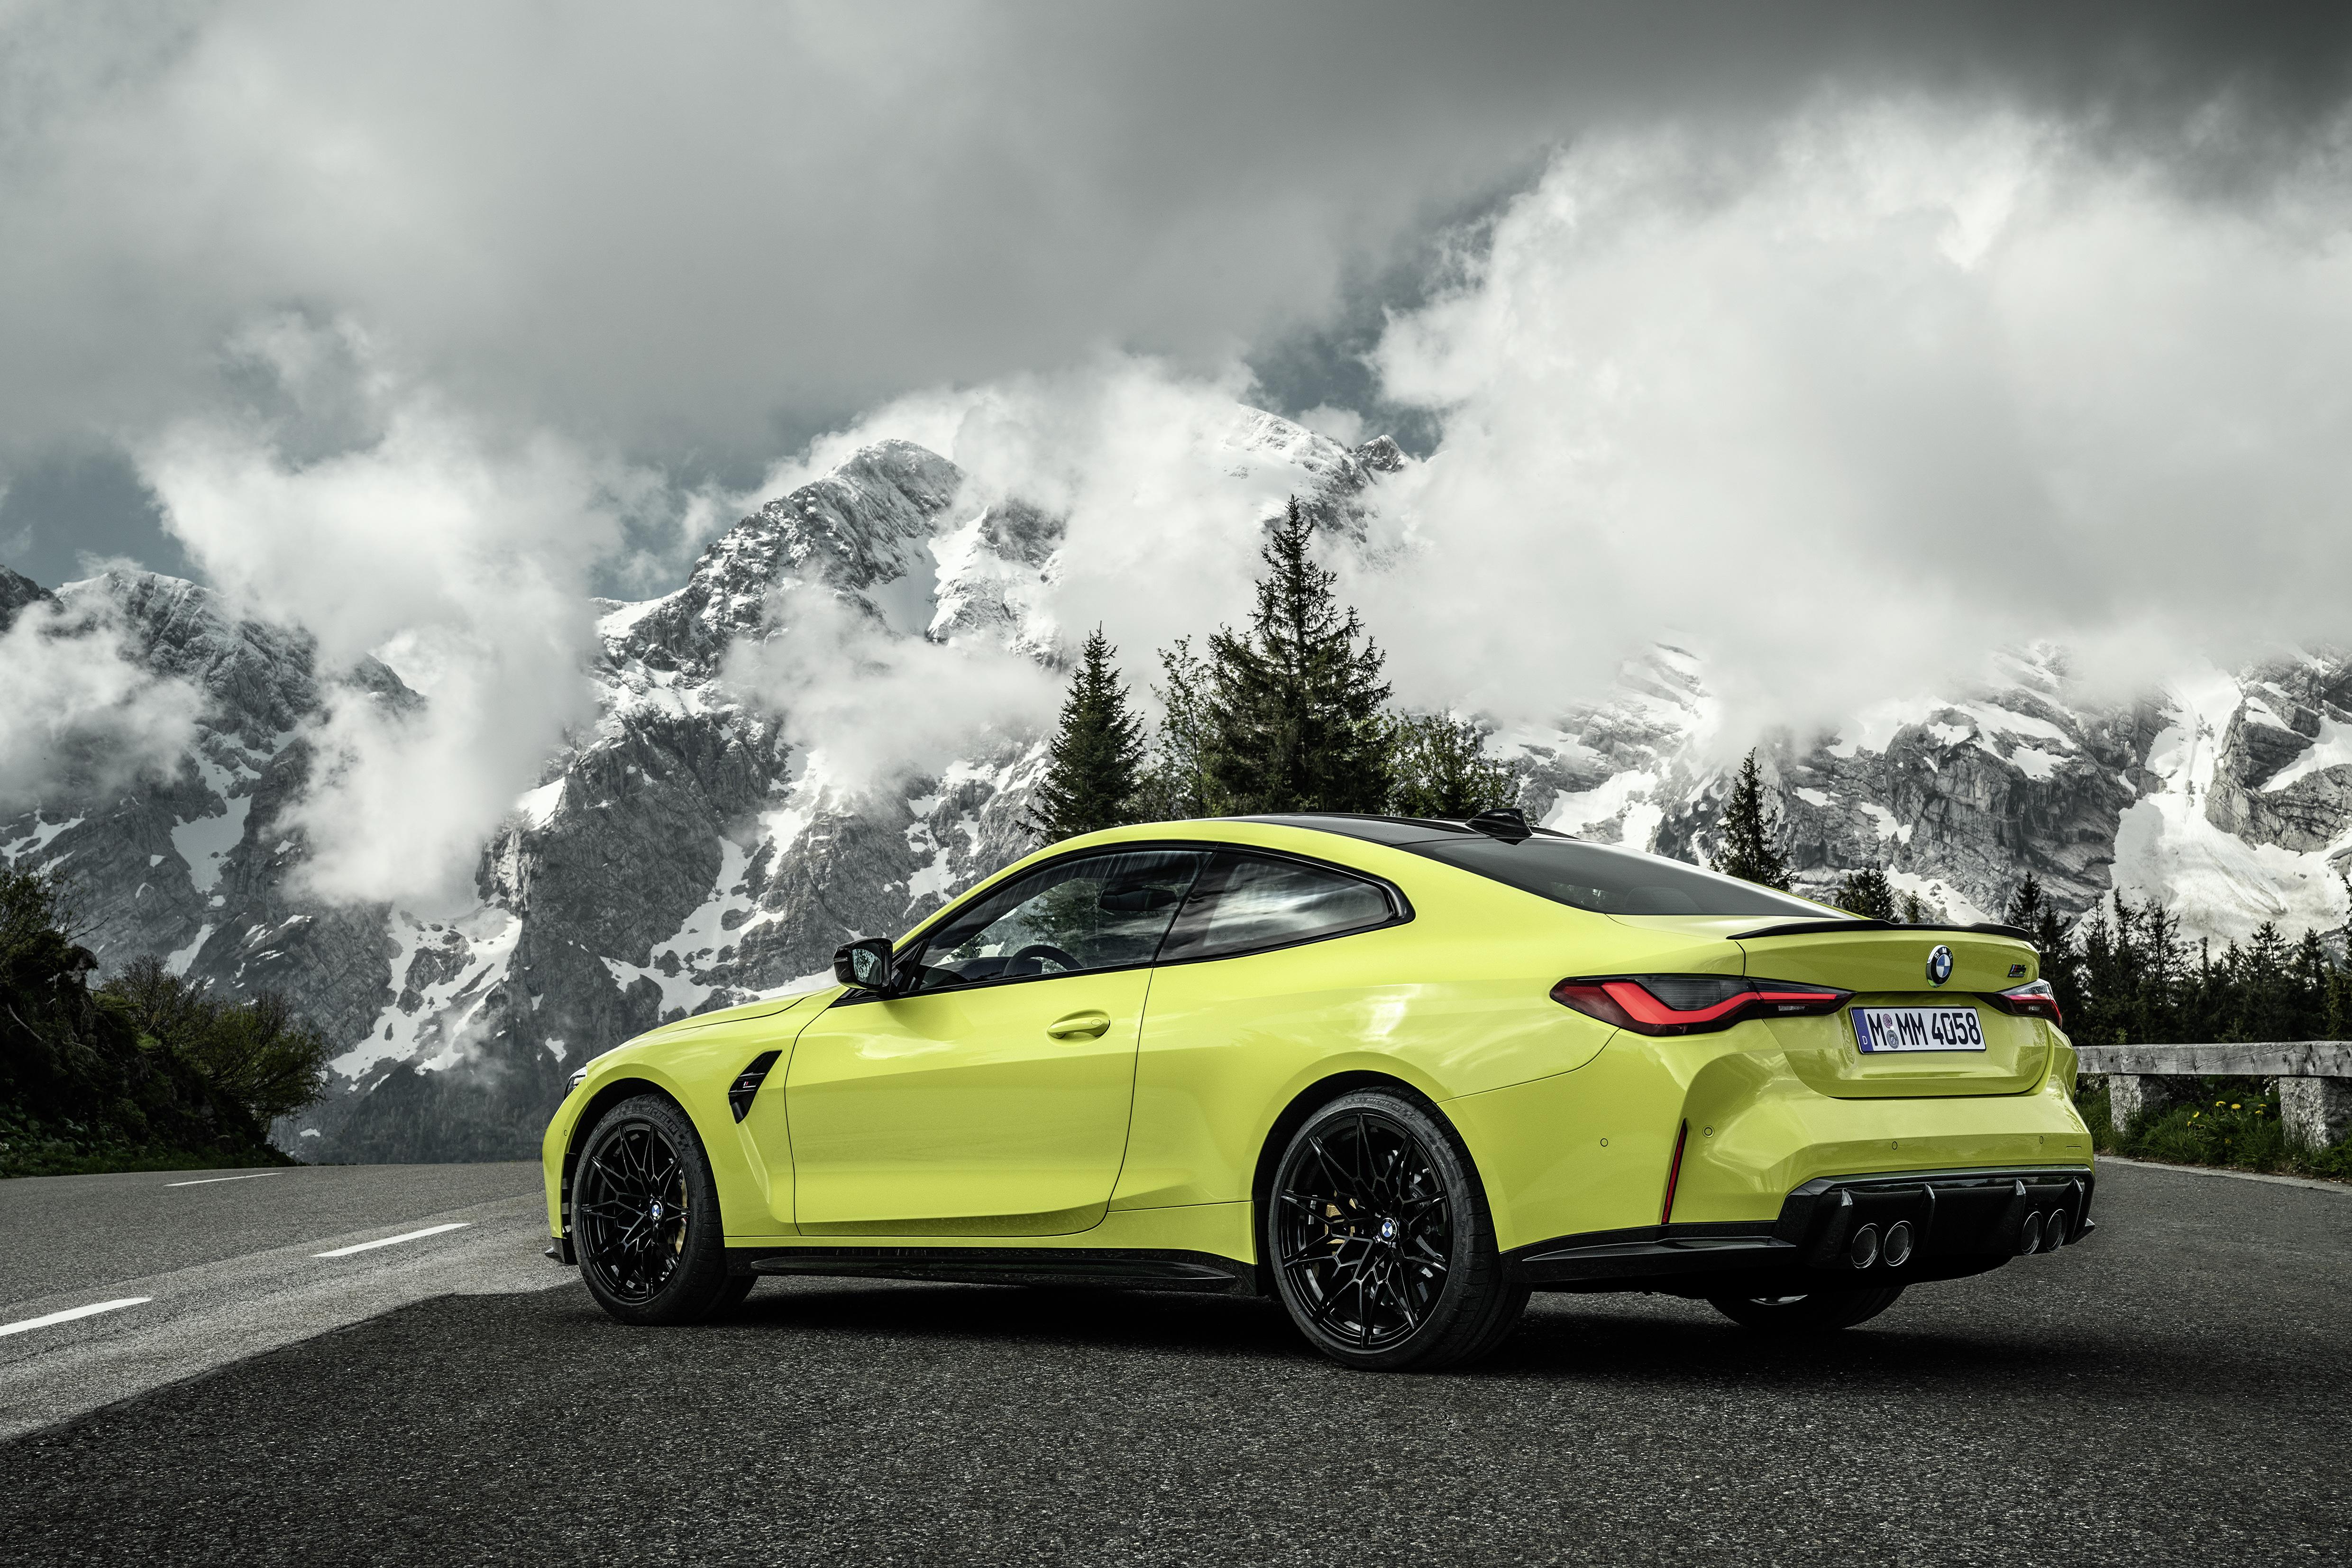 Картинки БМВ M4 Competition, (G82), 2020 Купе гора Природа Металлик автомобиль облачно BMW Горы авто машины машина Автомобили Облака облако